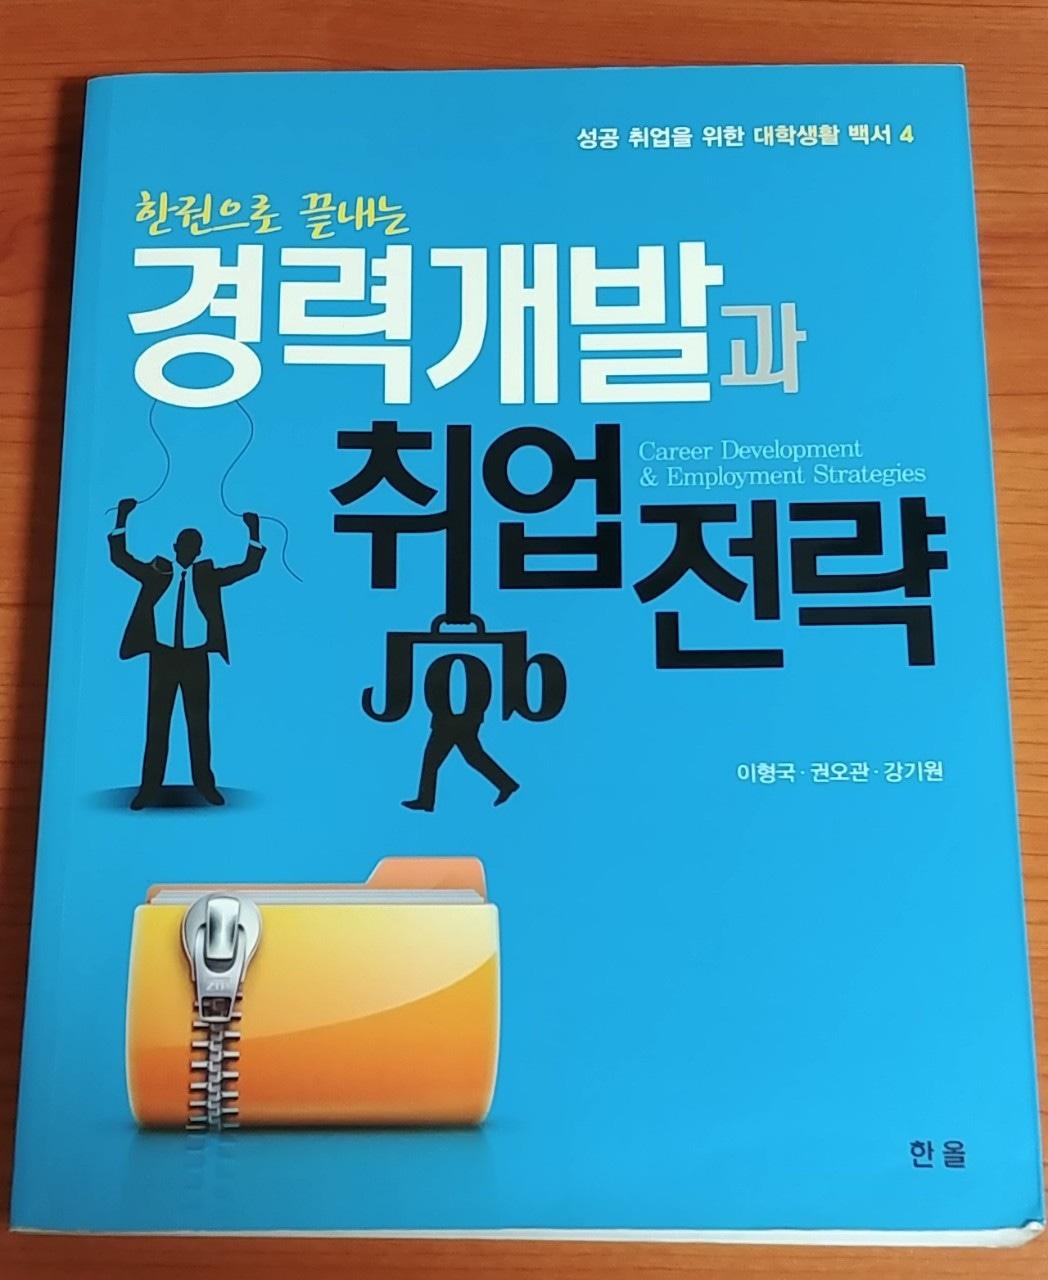 경력개발과취업전략도서